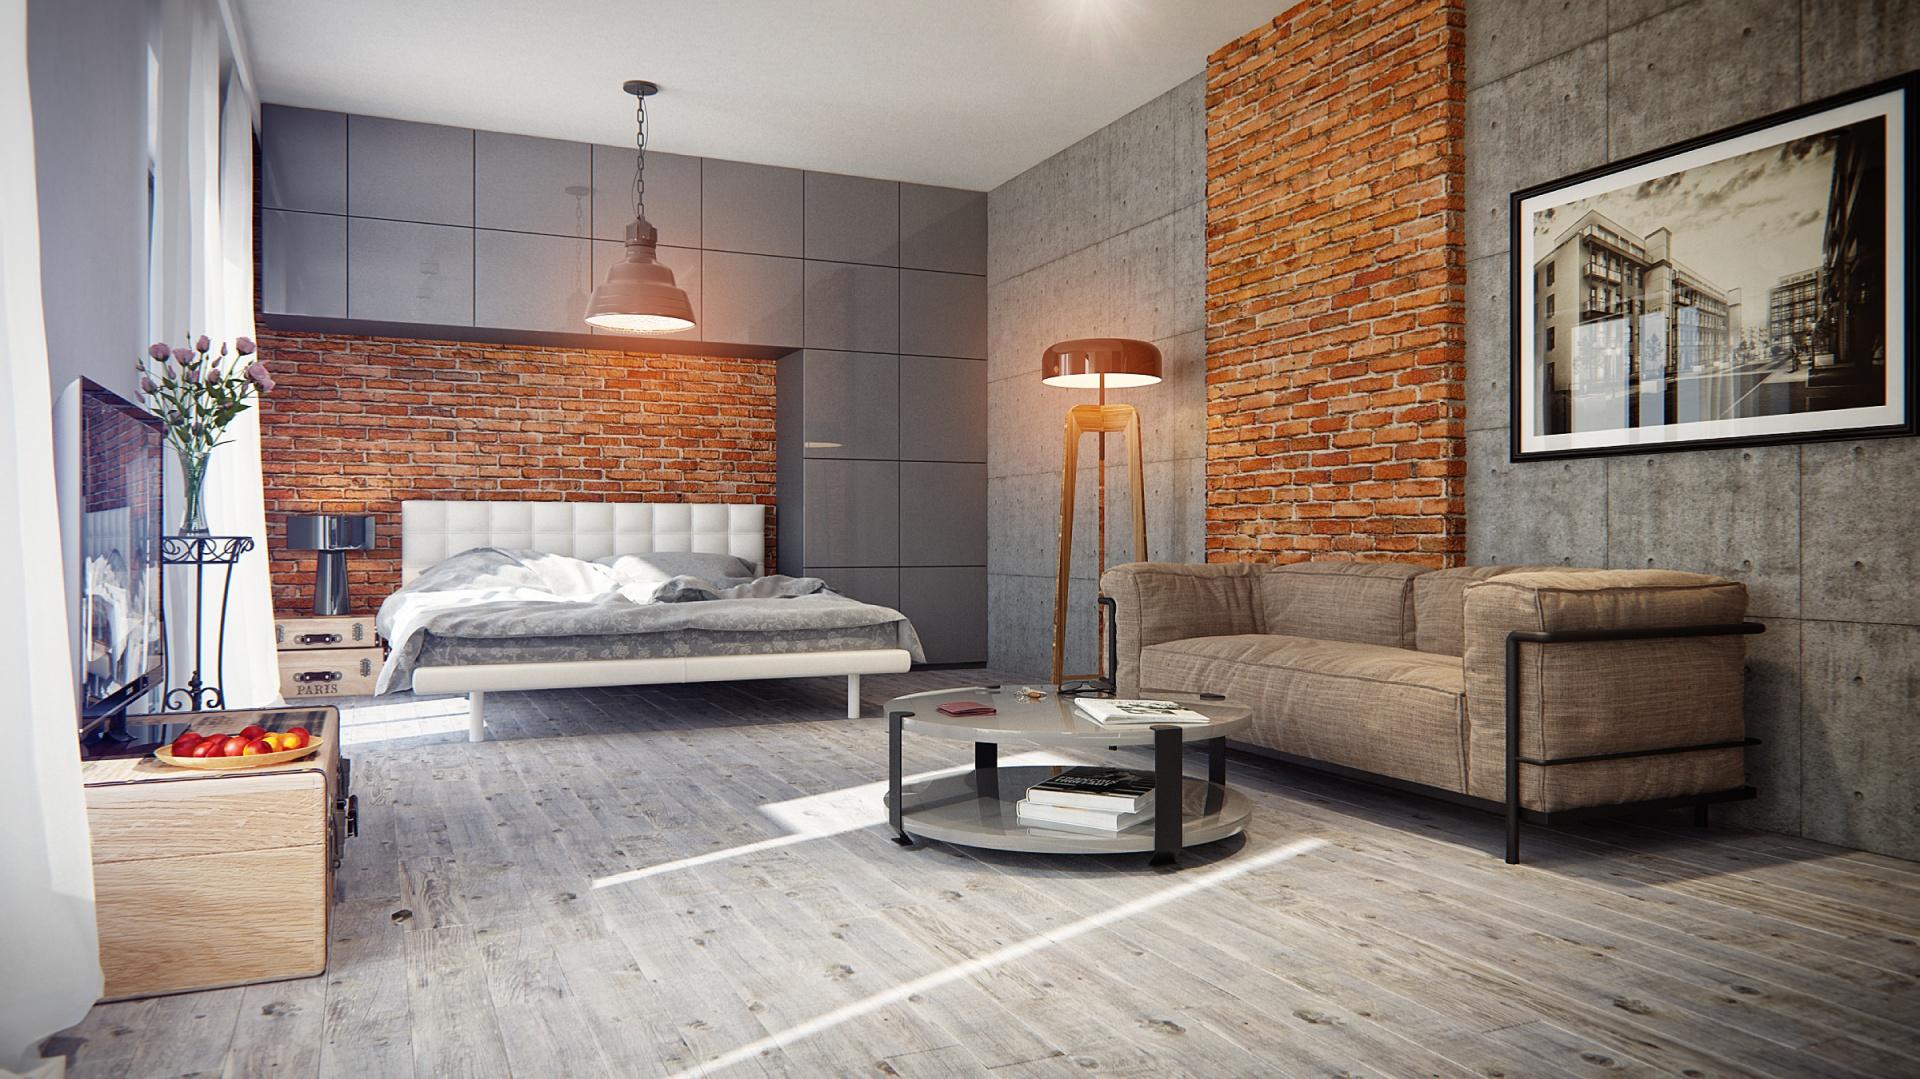 Poskromić Przestrzeń Czyli Jak Urządzić Mieszkanie W Stylu Loft